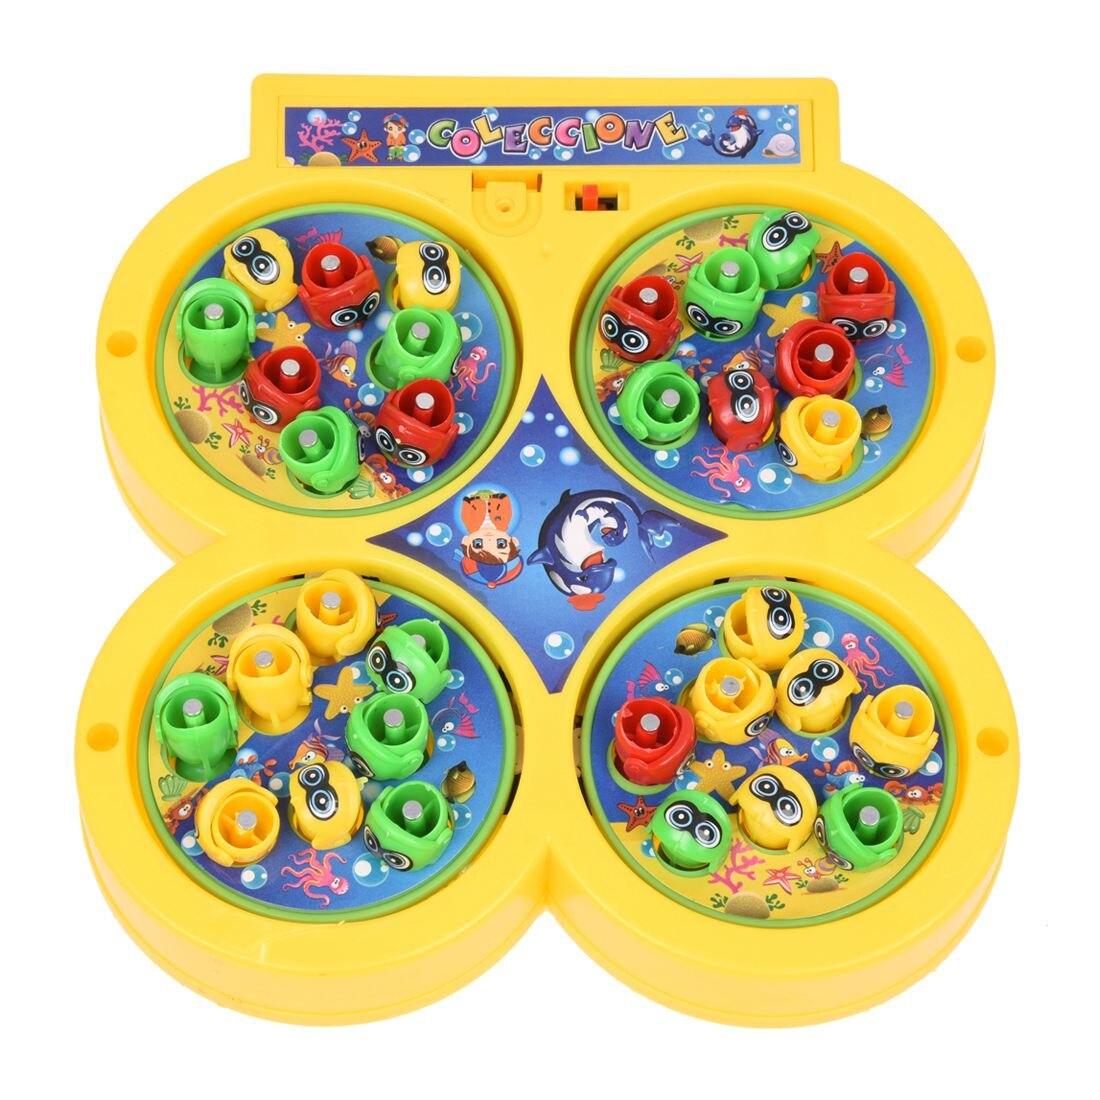 €8.54 10% De Réduction|Plateau De Jeu De Pêche Poisson En Ligne Magnétique  Jouet Éducatif Pour Enfants Bébé|Game Fishing|Fishing Game|Fishing Game Toy intérieur Jeux Pour Bébé En Ligne